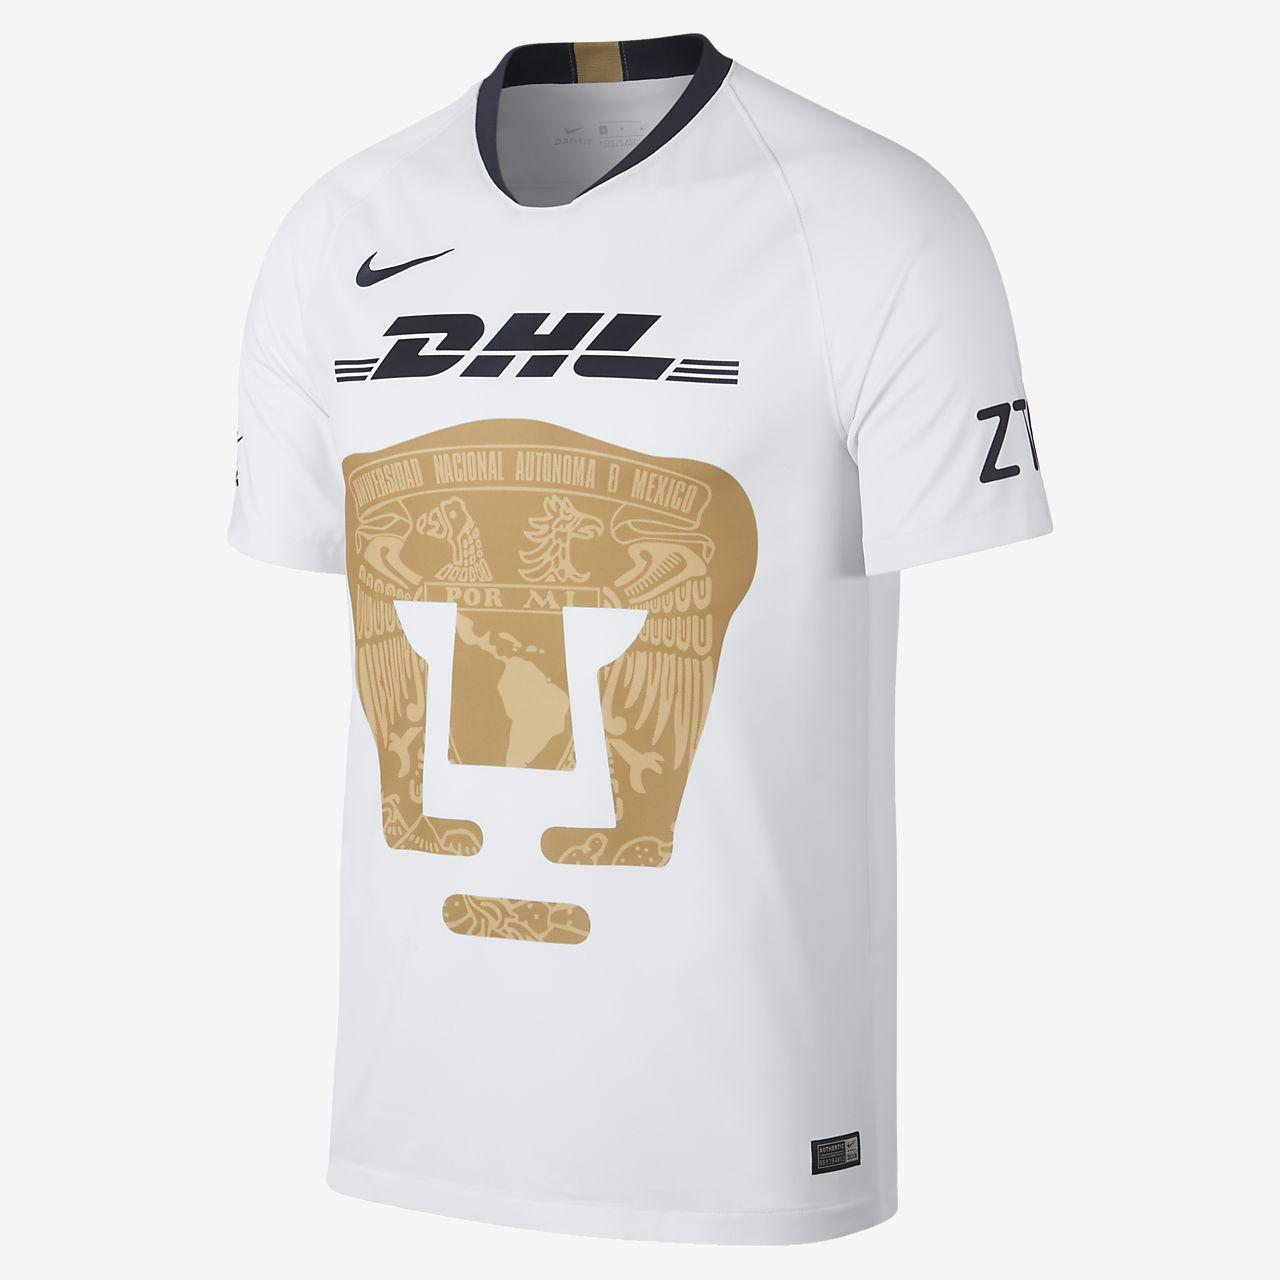 84a226adb34 2018 19 Pumas UNAM Stadium Home Men s Soccer Jersey. Nike.com